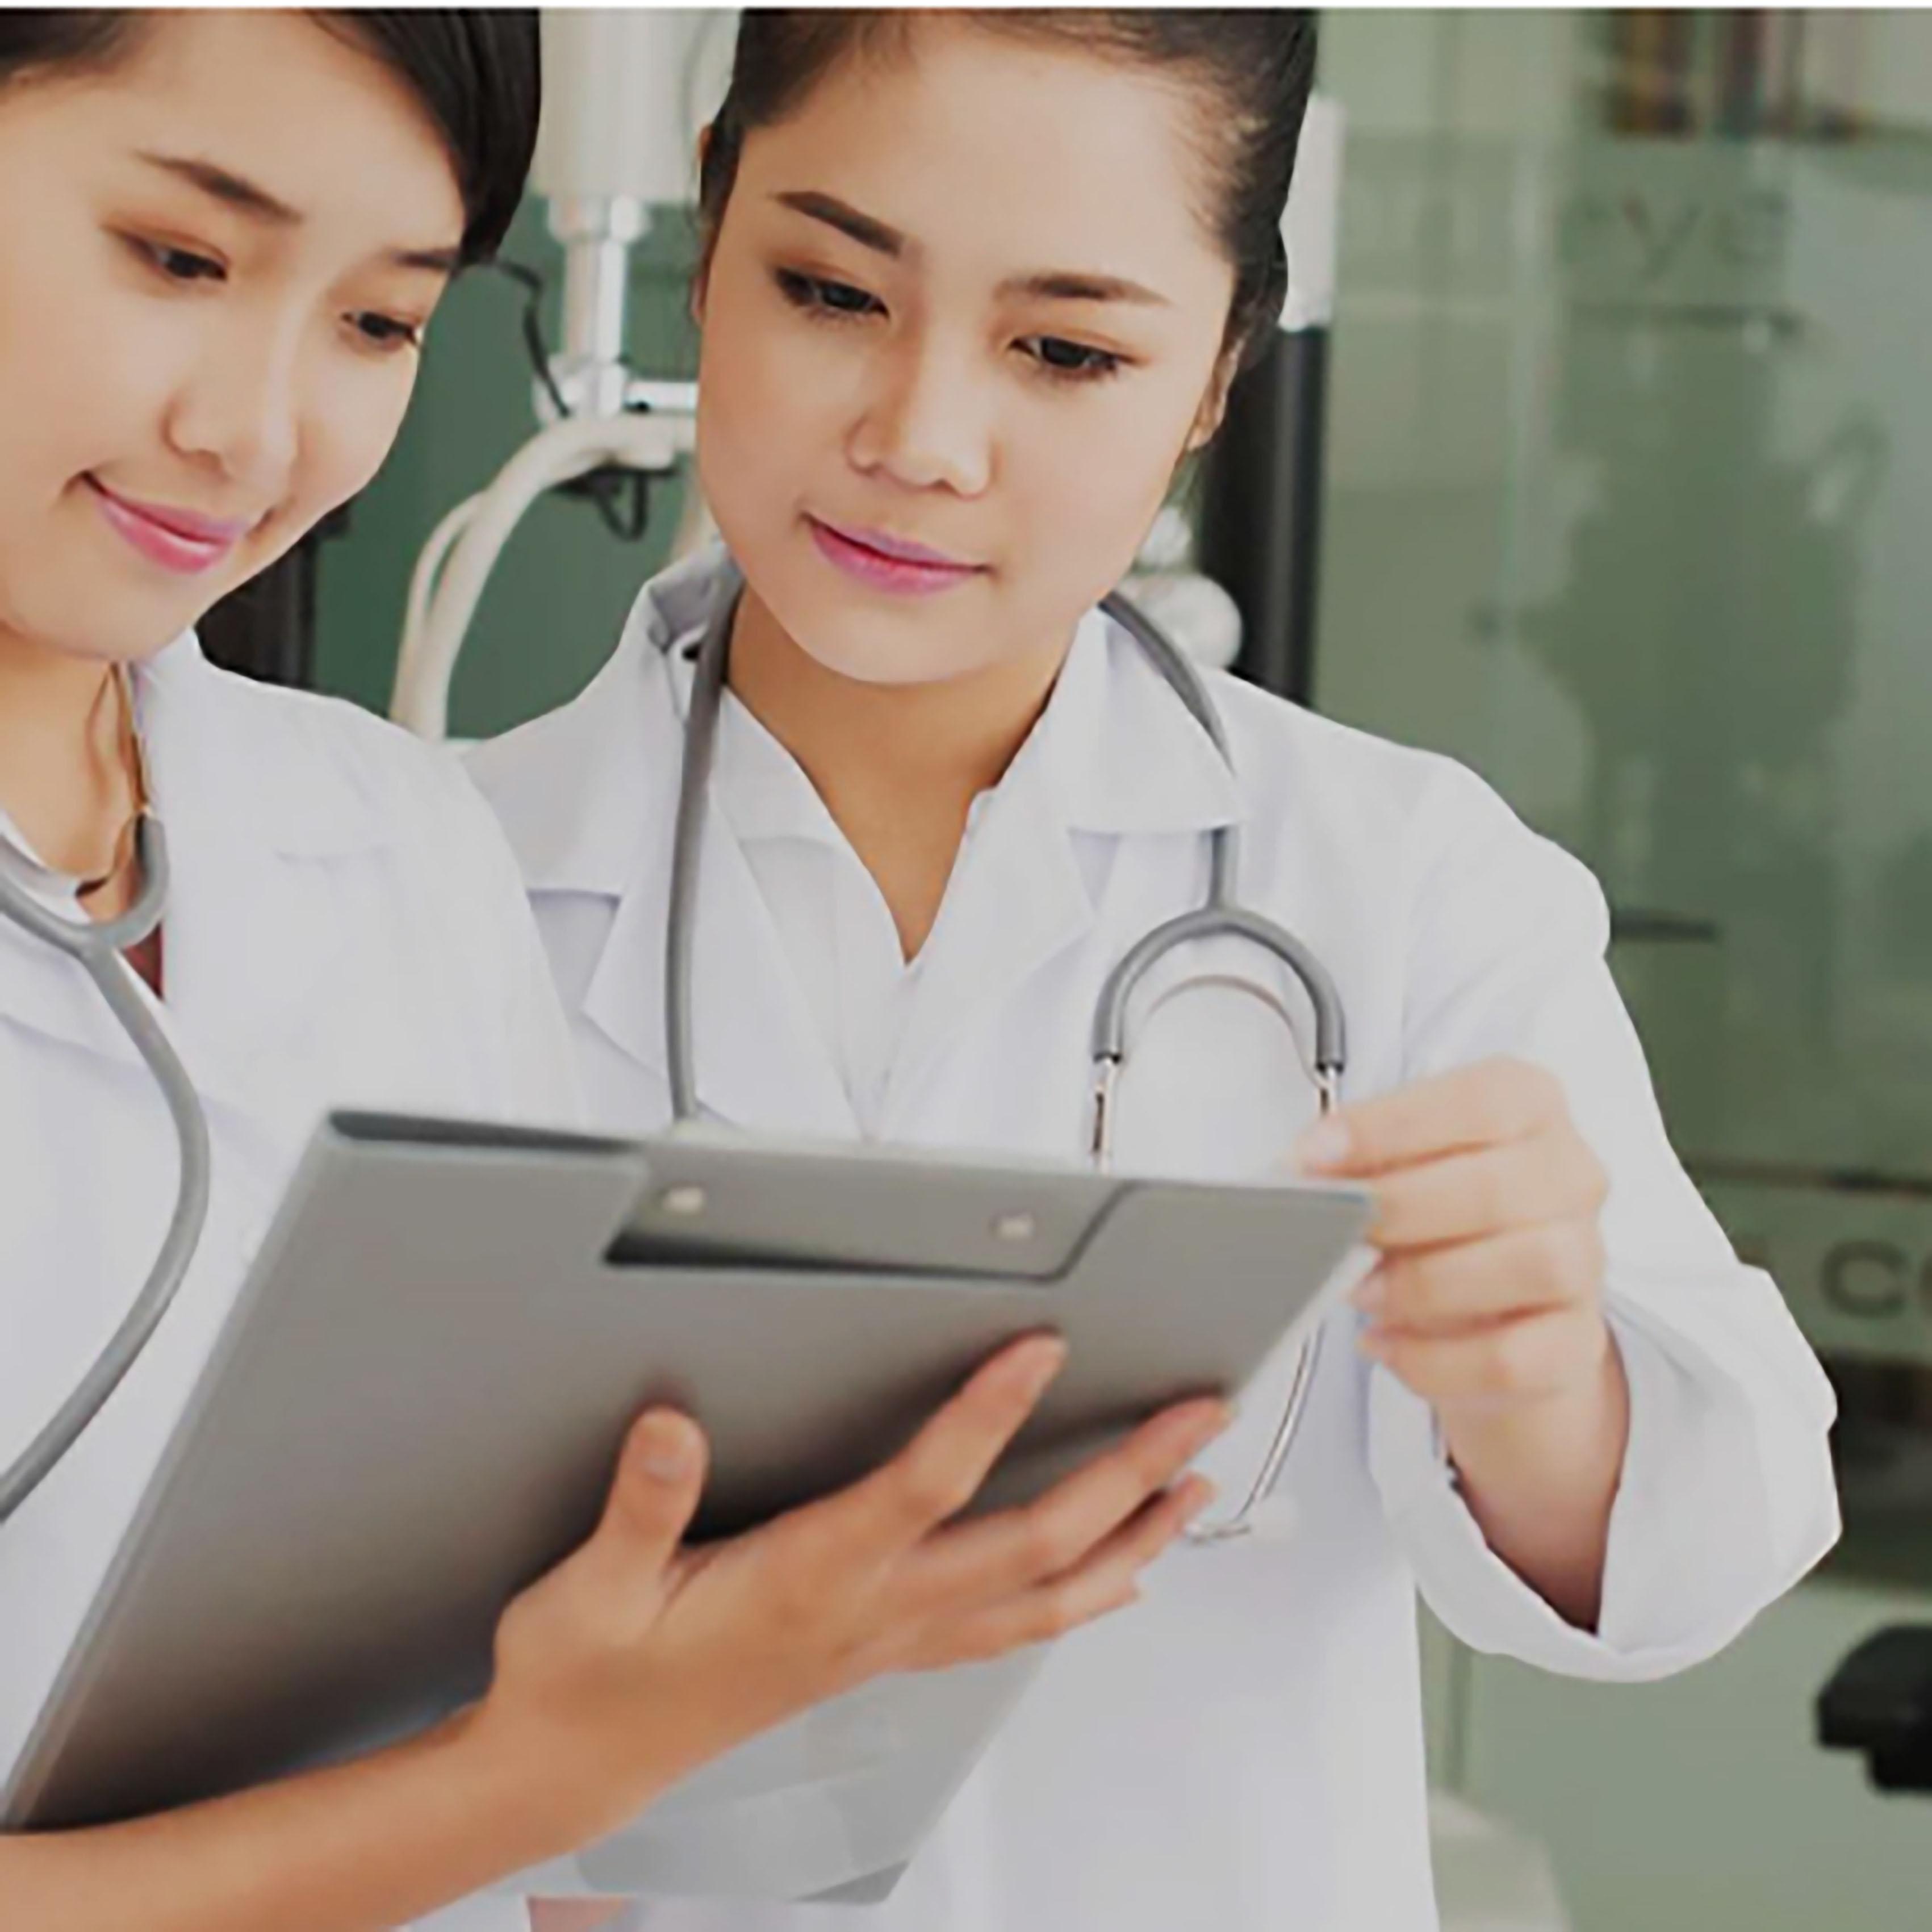 【飛躍11号】転換期を迎えたベトナムのヘルスケア産業と事業機会